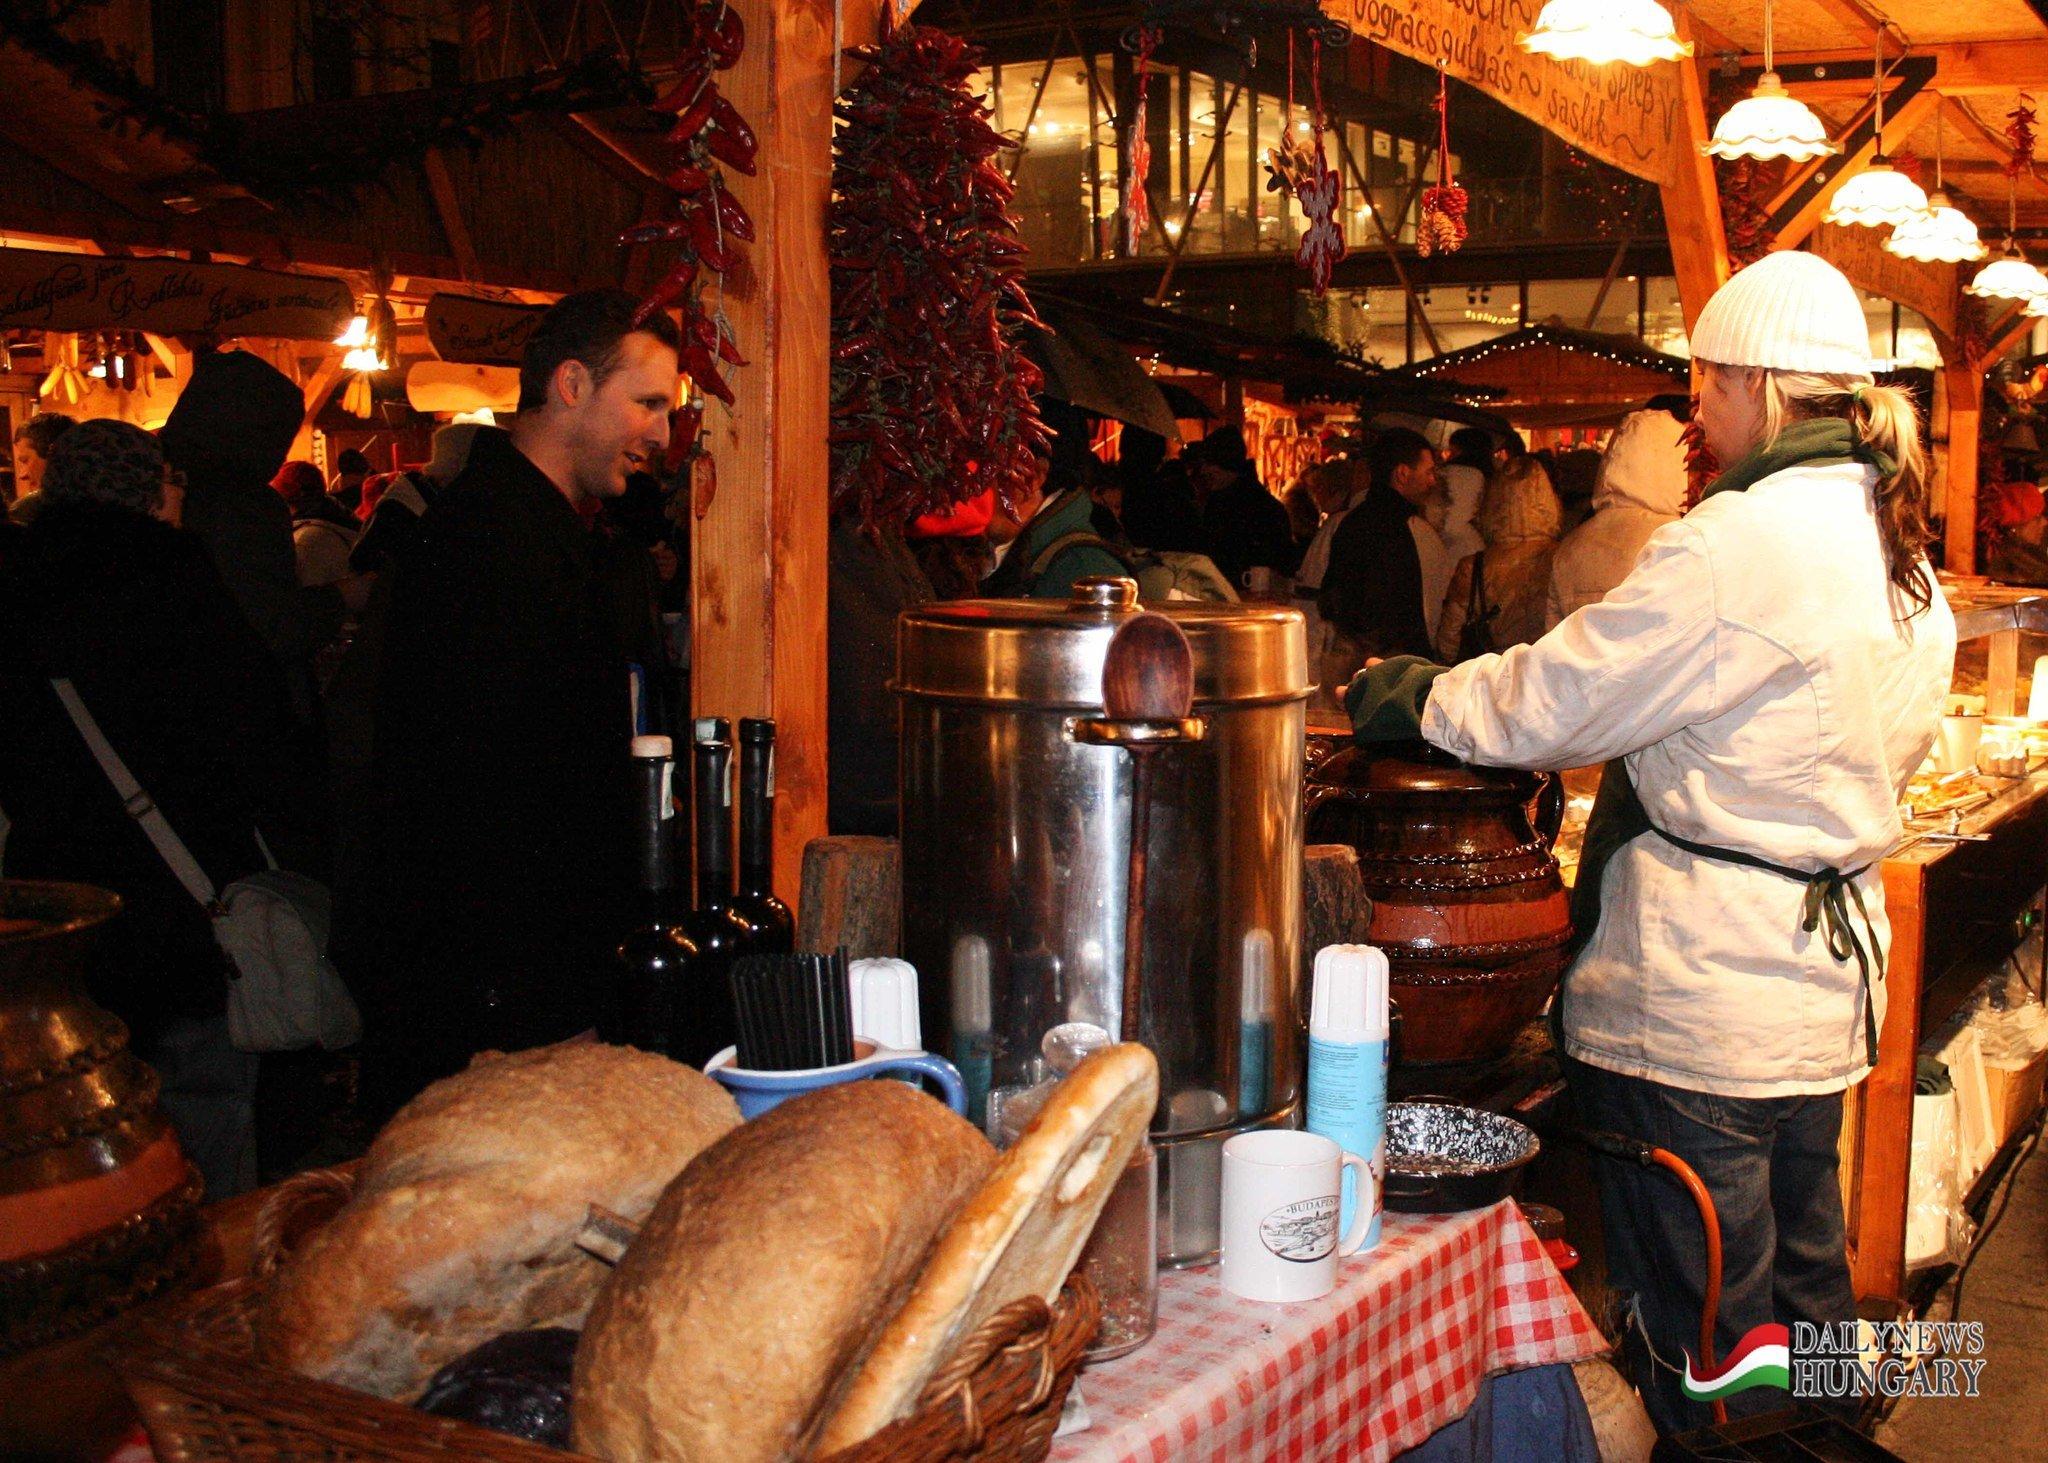 Budapest Christmas Fair (27th November – 31st December)